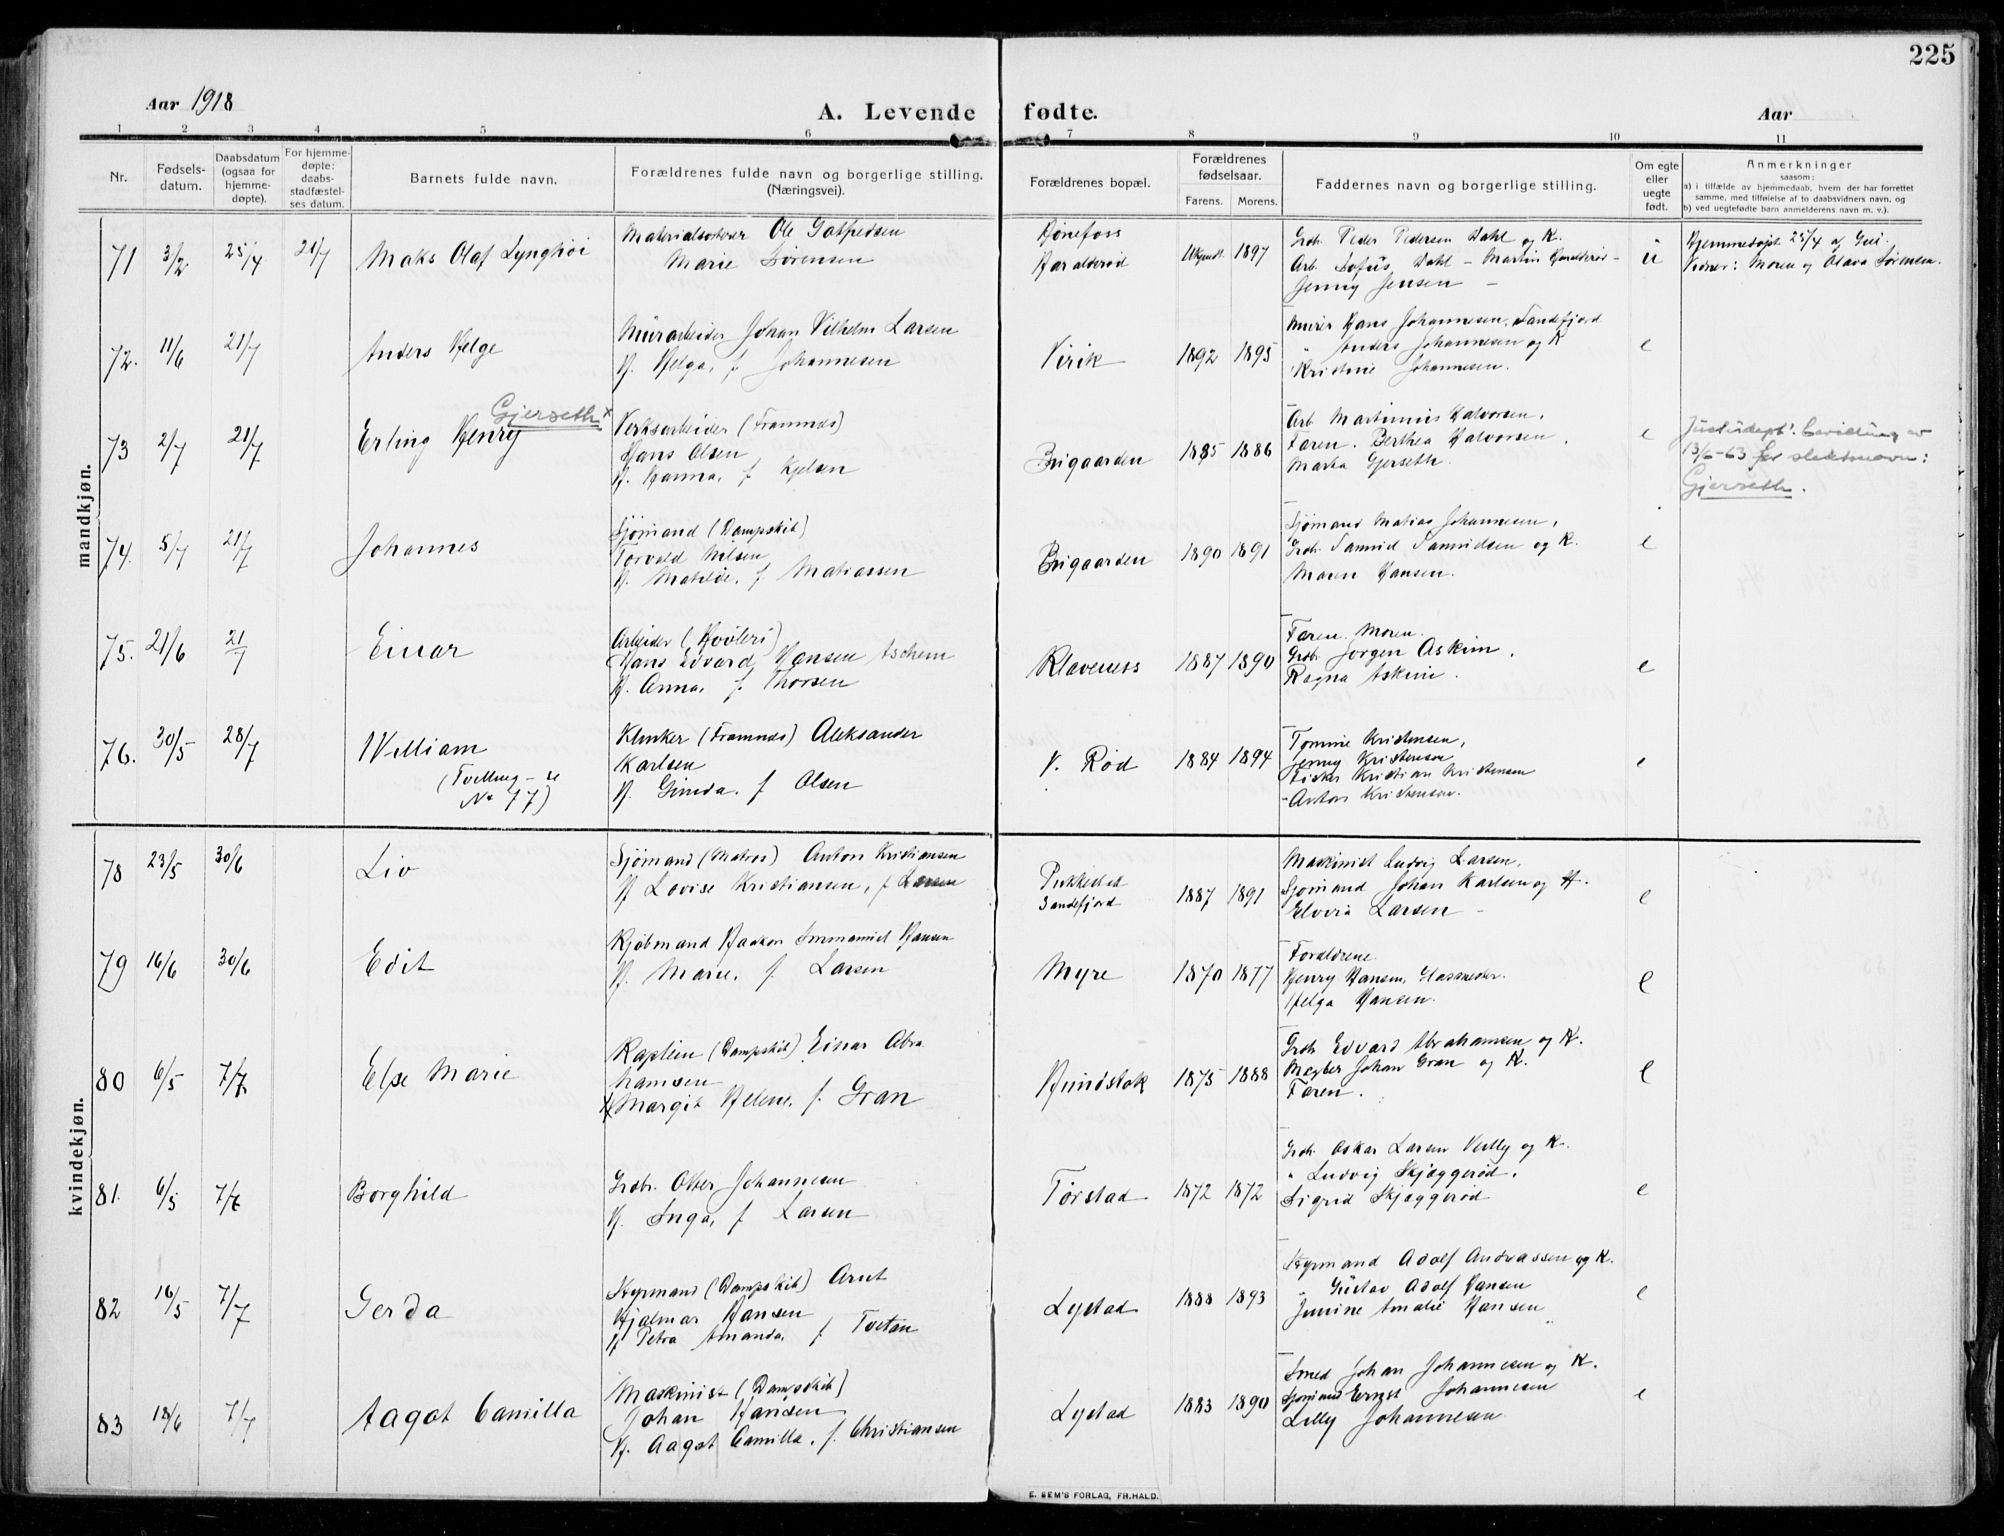 SAKO, Sandar kirkebøker, F/Fa/L0016: Ministerialbok nr. 16, 1909-1919, s. 225